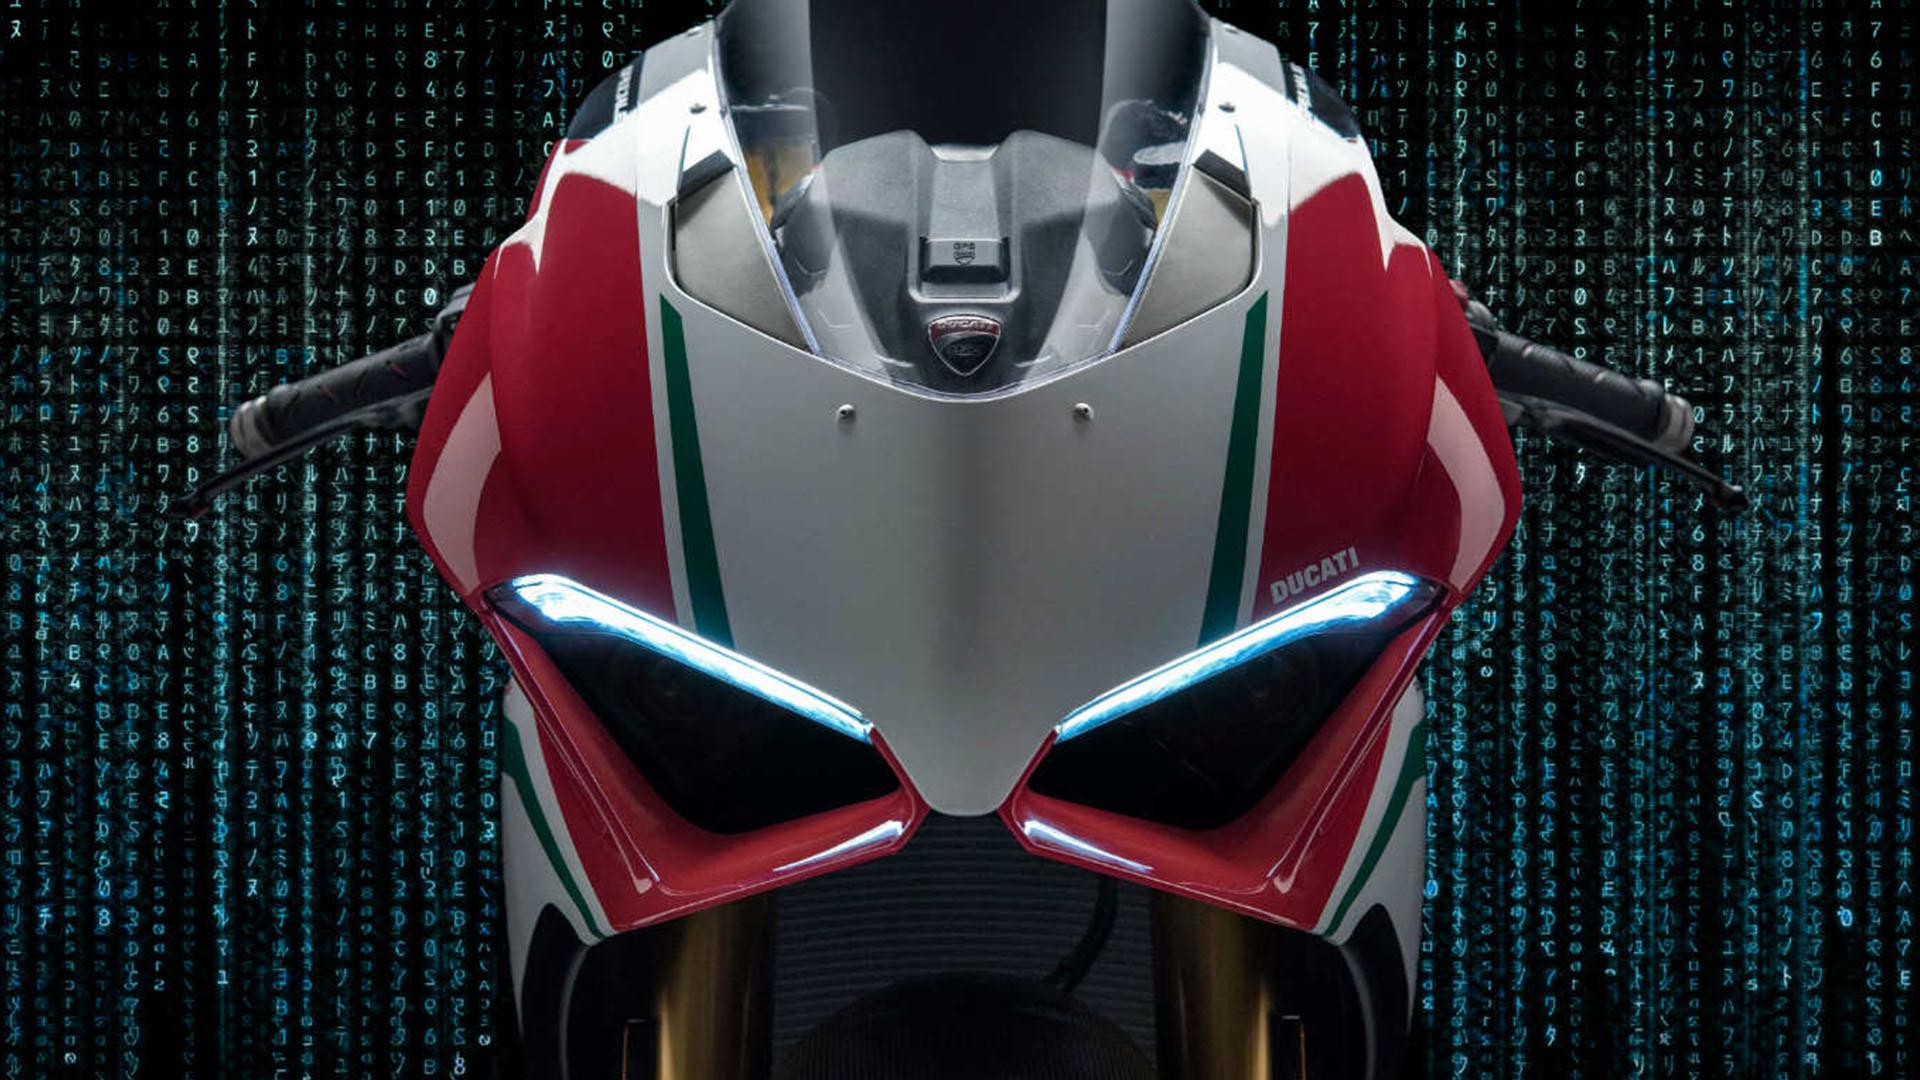 Ducati presenta la nuova Panigale V4 a EICMA: le reazioni degli utenti